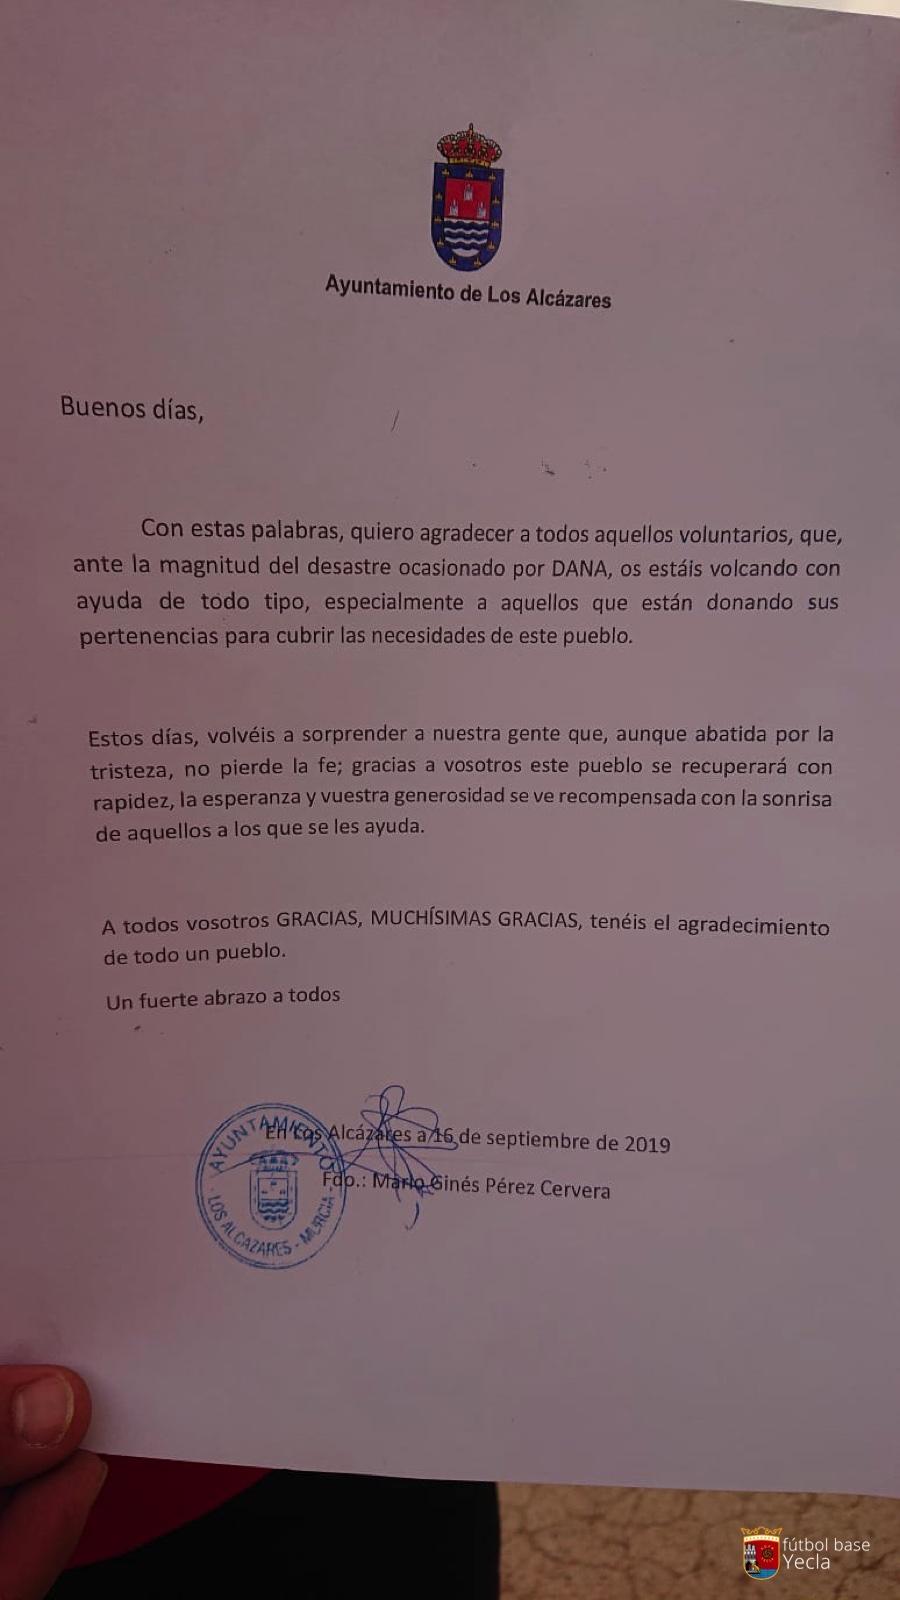 Recogida solidaria Los Alcazares 07